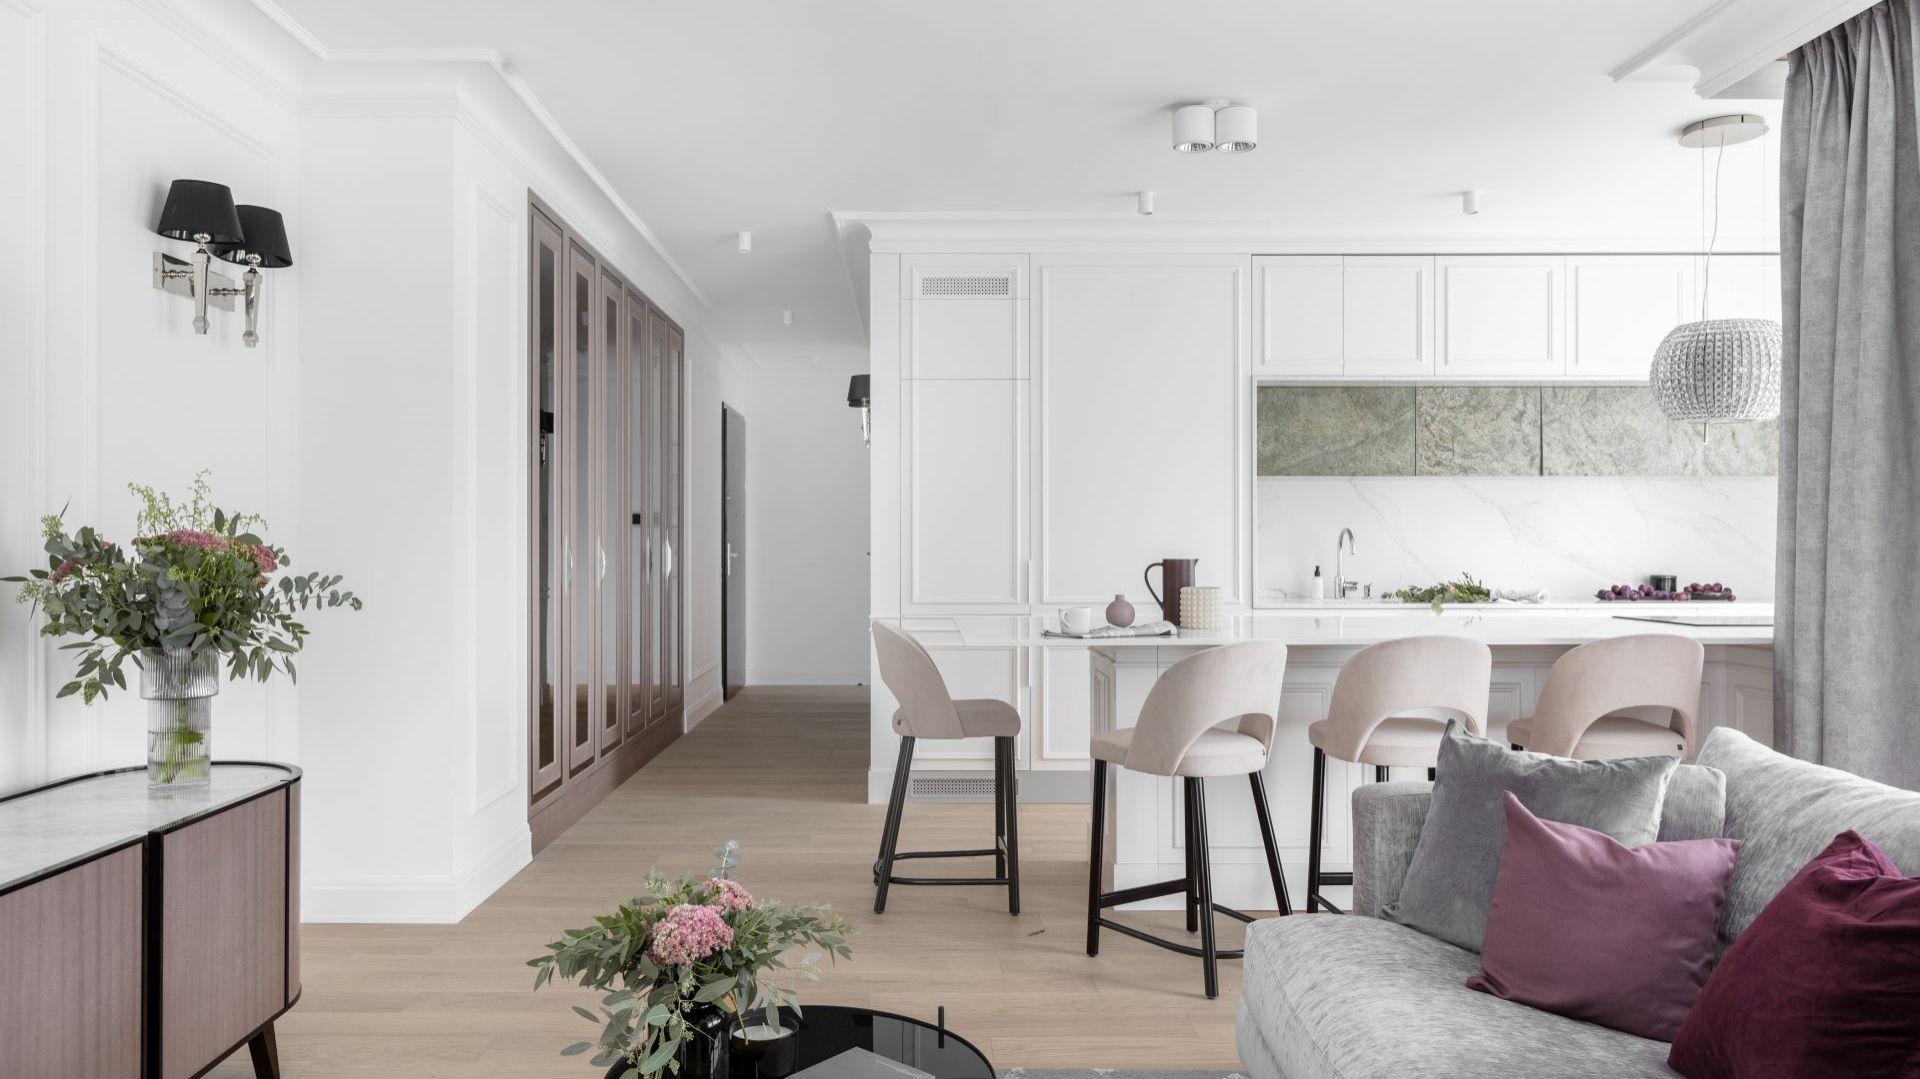 Wygodny Apartament Na Wakacje Przytulne Jasne Wnętrze